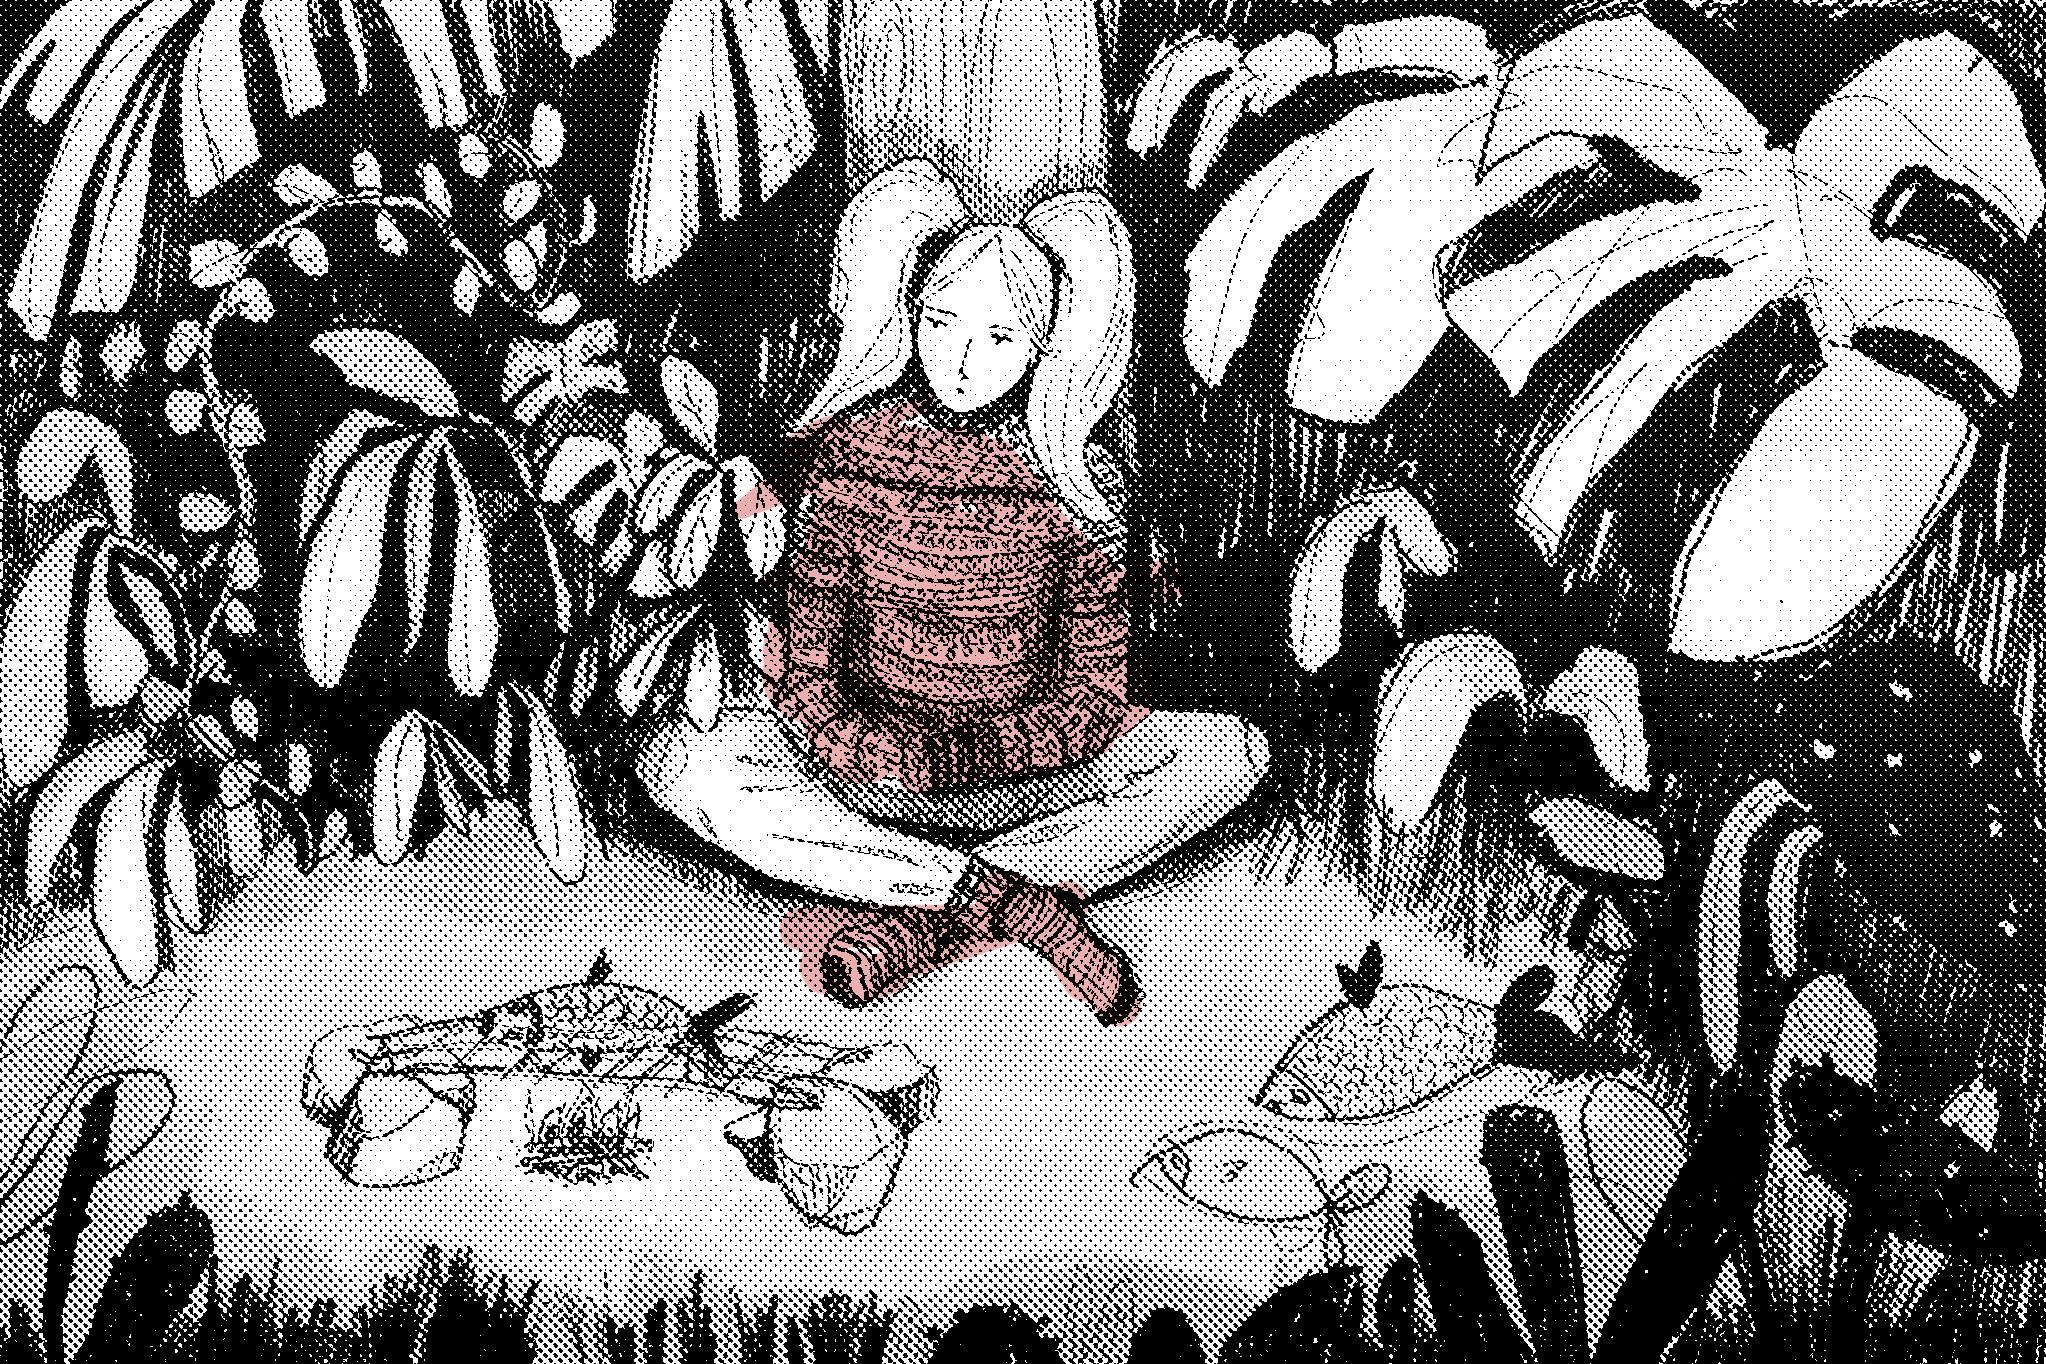 Parrilla de pez en el bosque